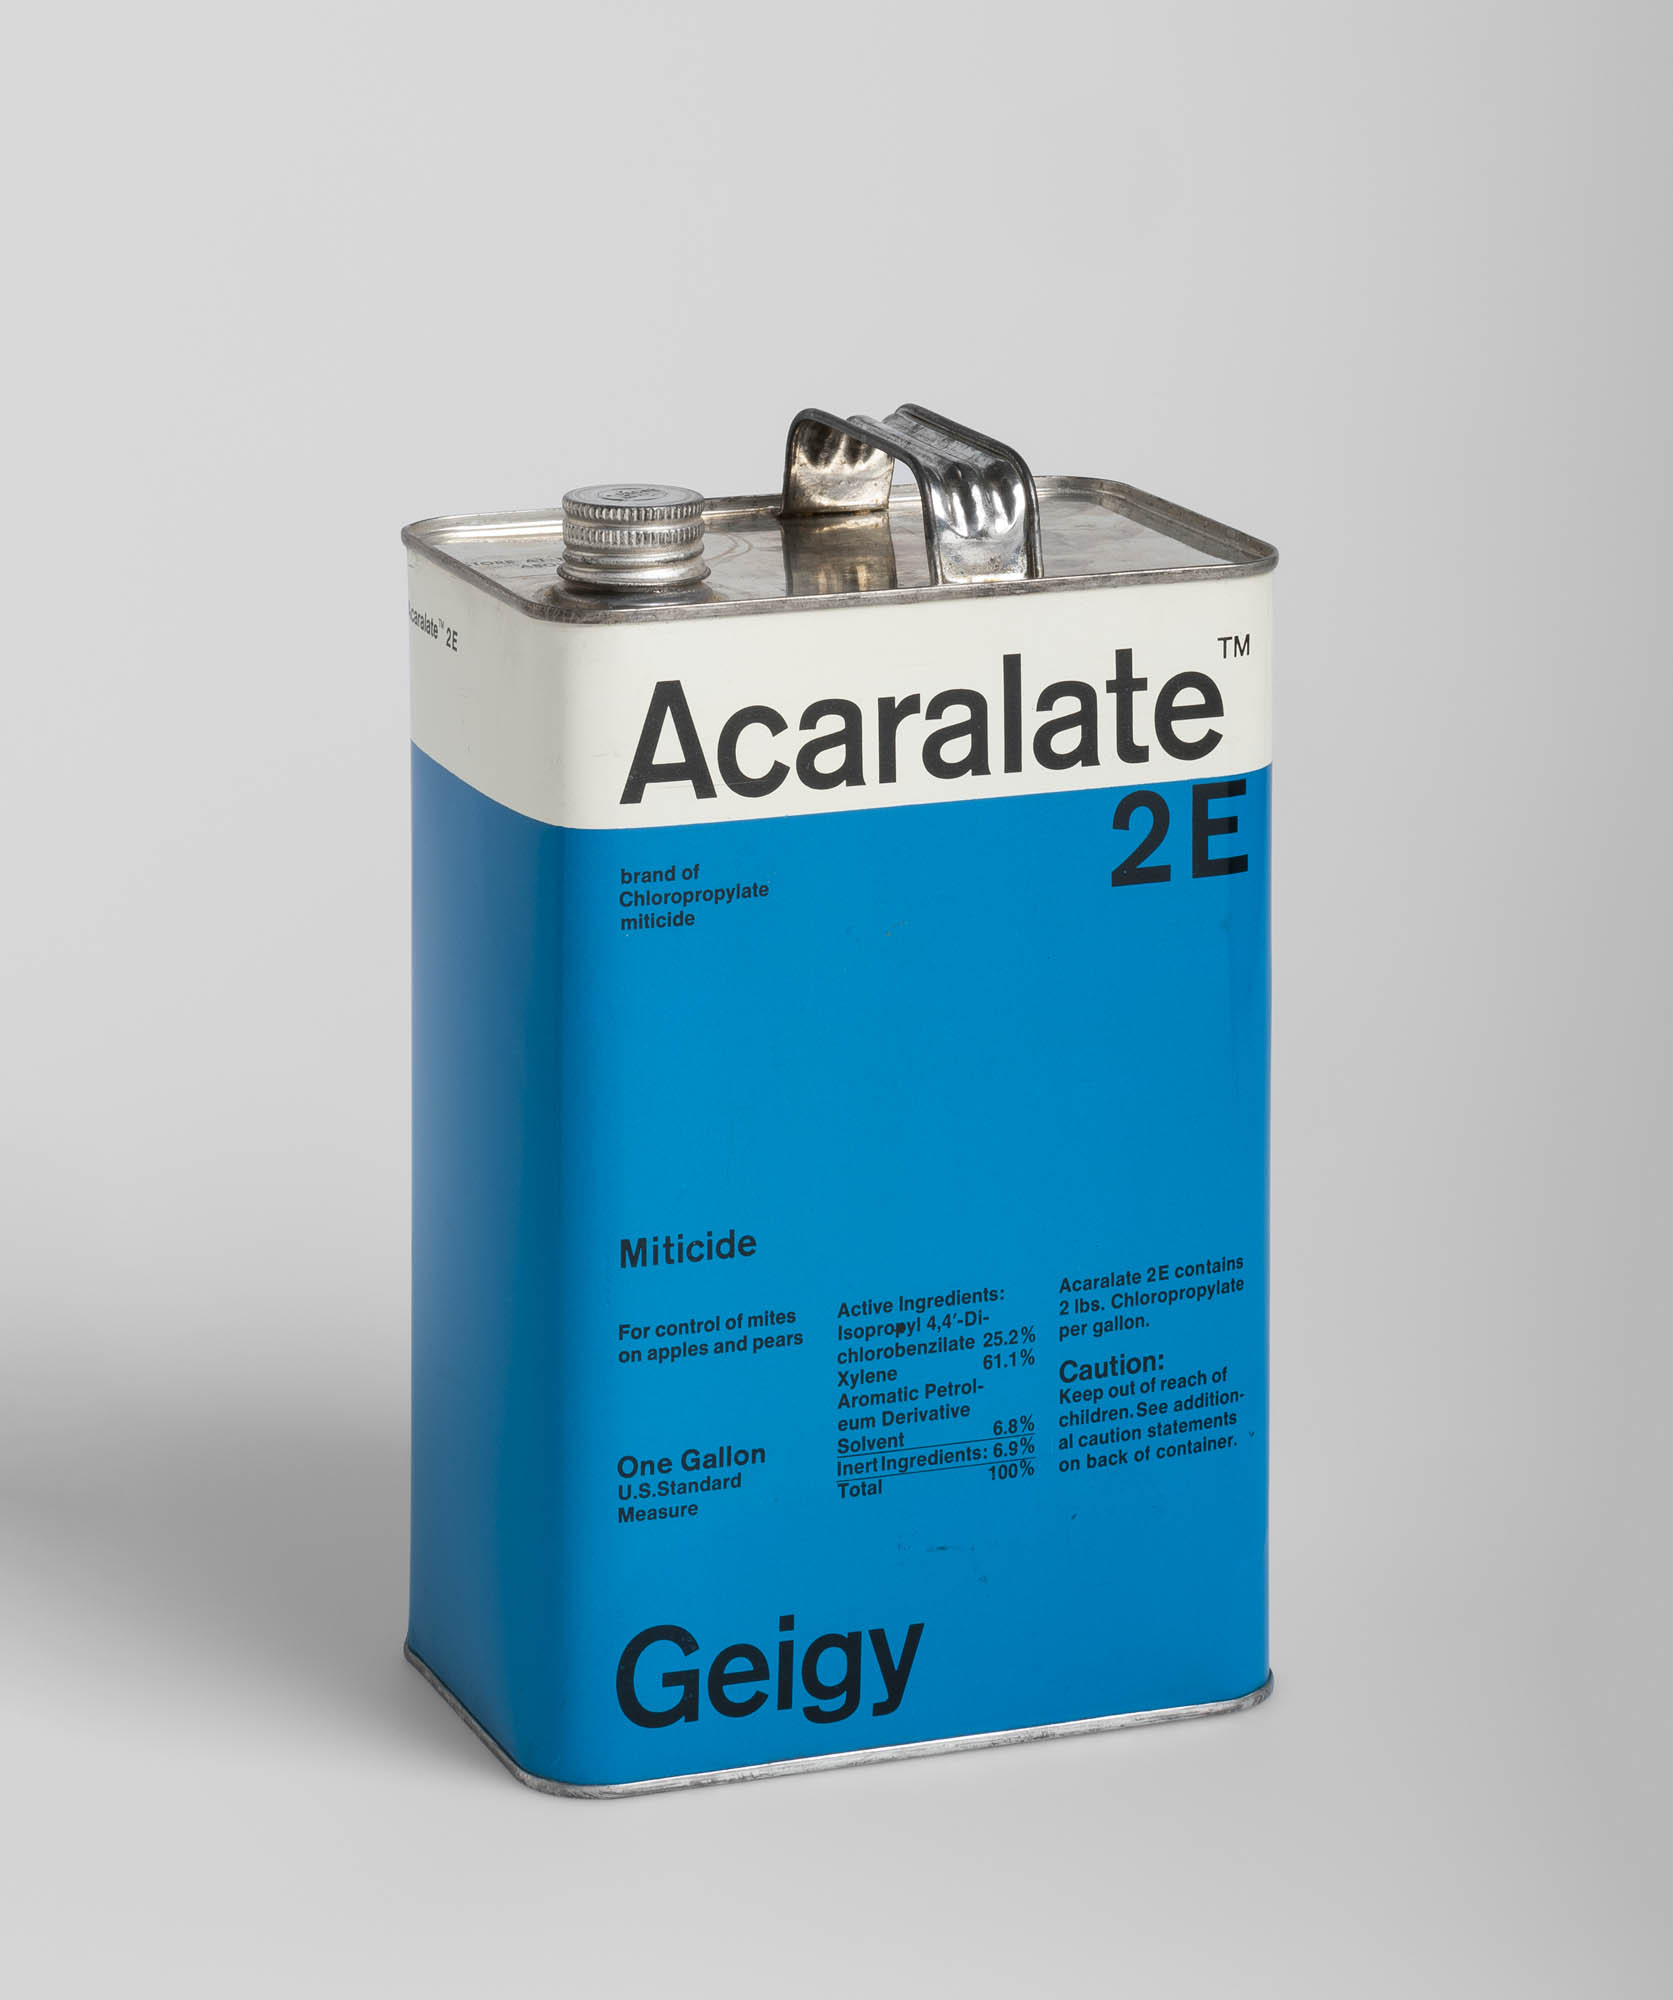 Acaralate 25E Geigy – Miticide Markus Löw Label